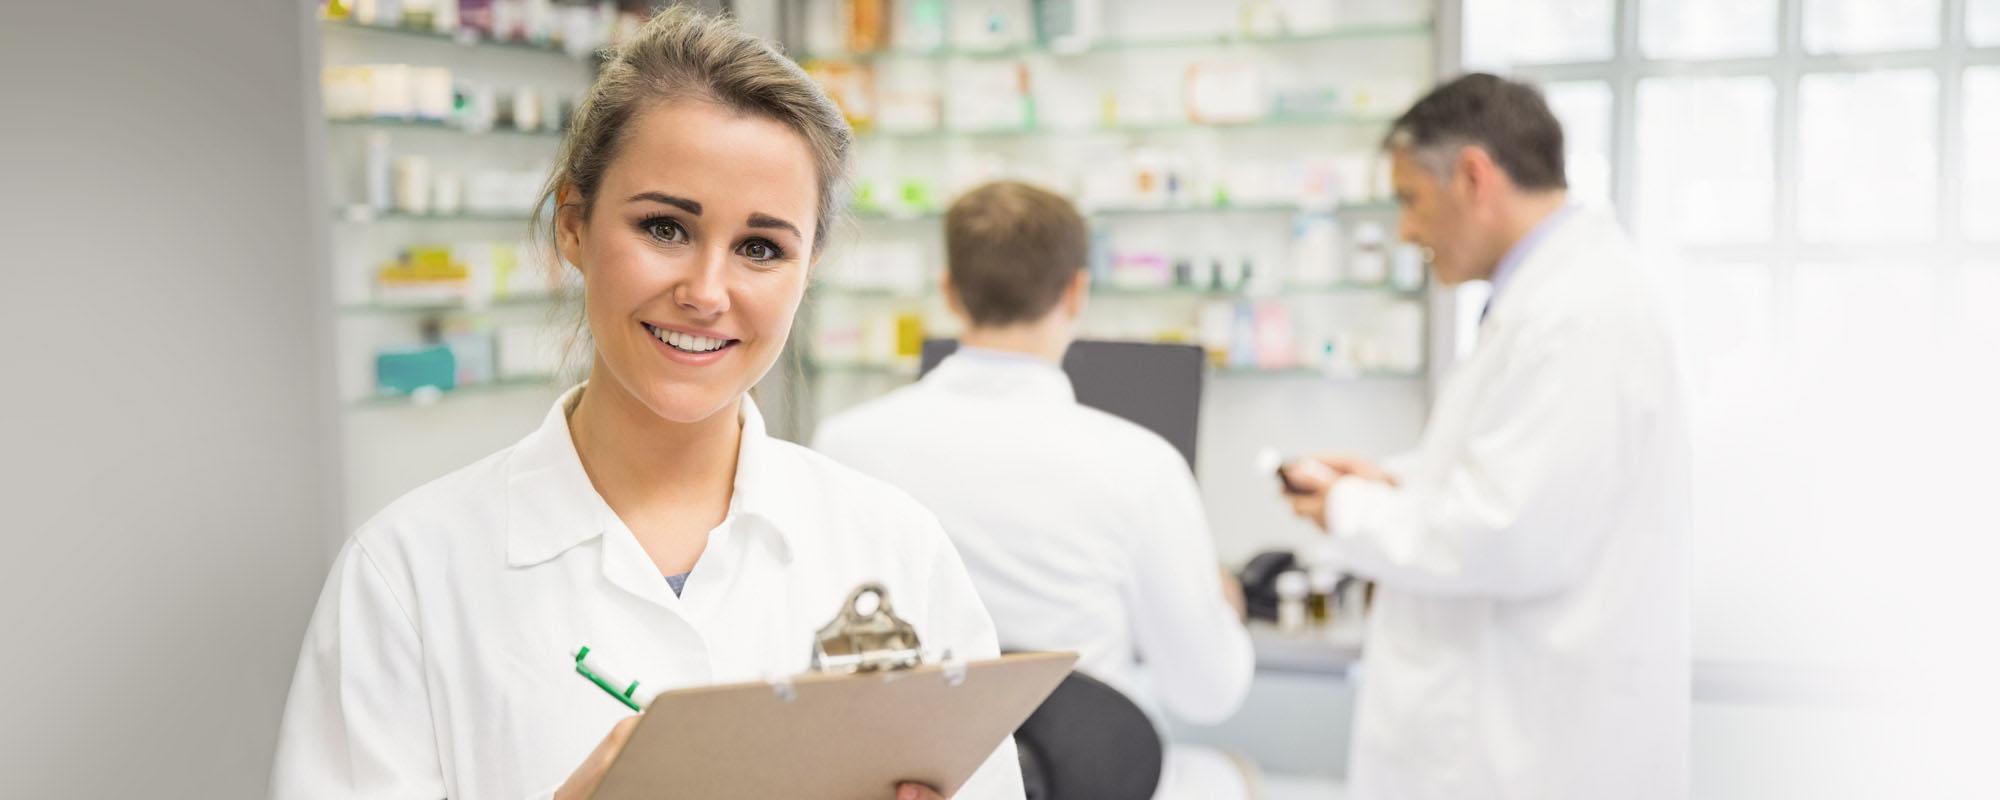 Globale pharmazeutische Produkte für Apotheker